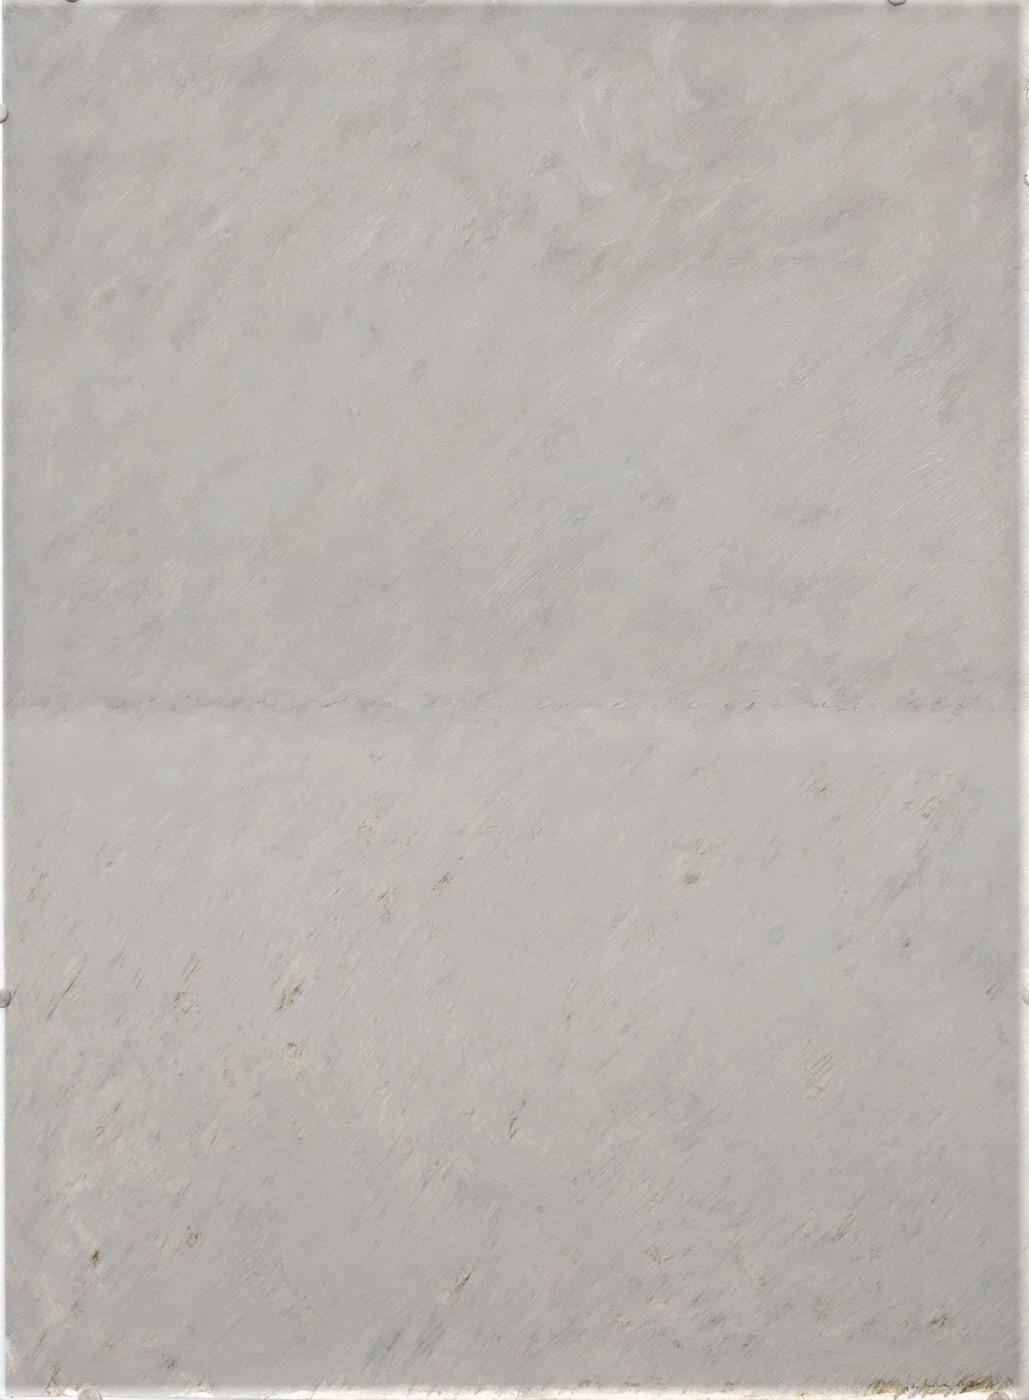 Huile sur papier 2020. 75 x 55 cm